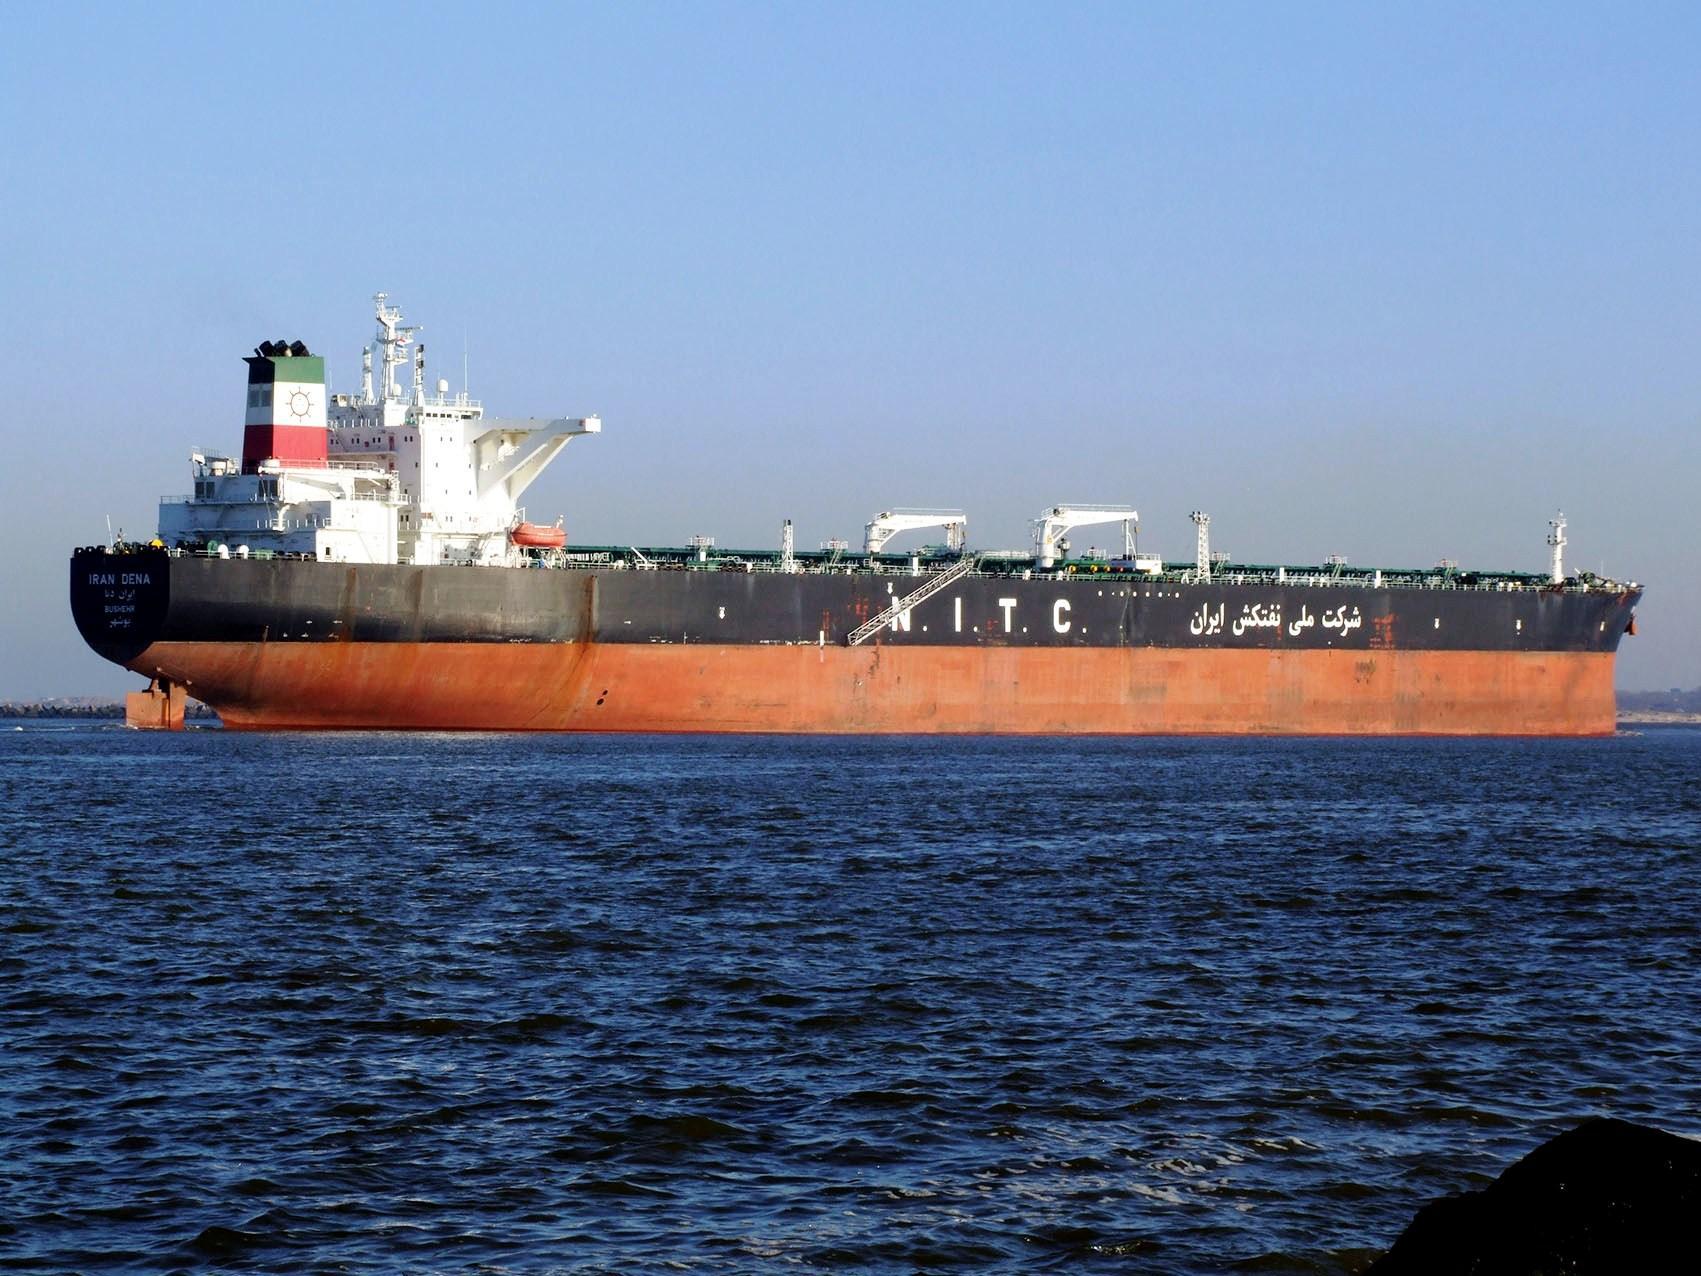 البيع الرخيص: استراتيجية إيران النفطية قبل العقوبات الأمريكية